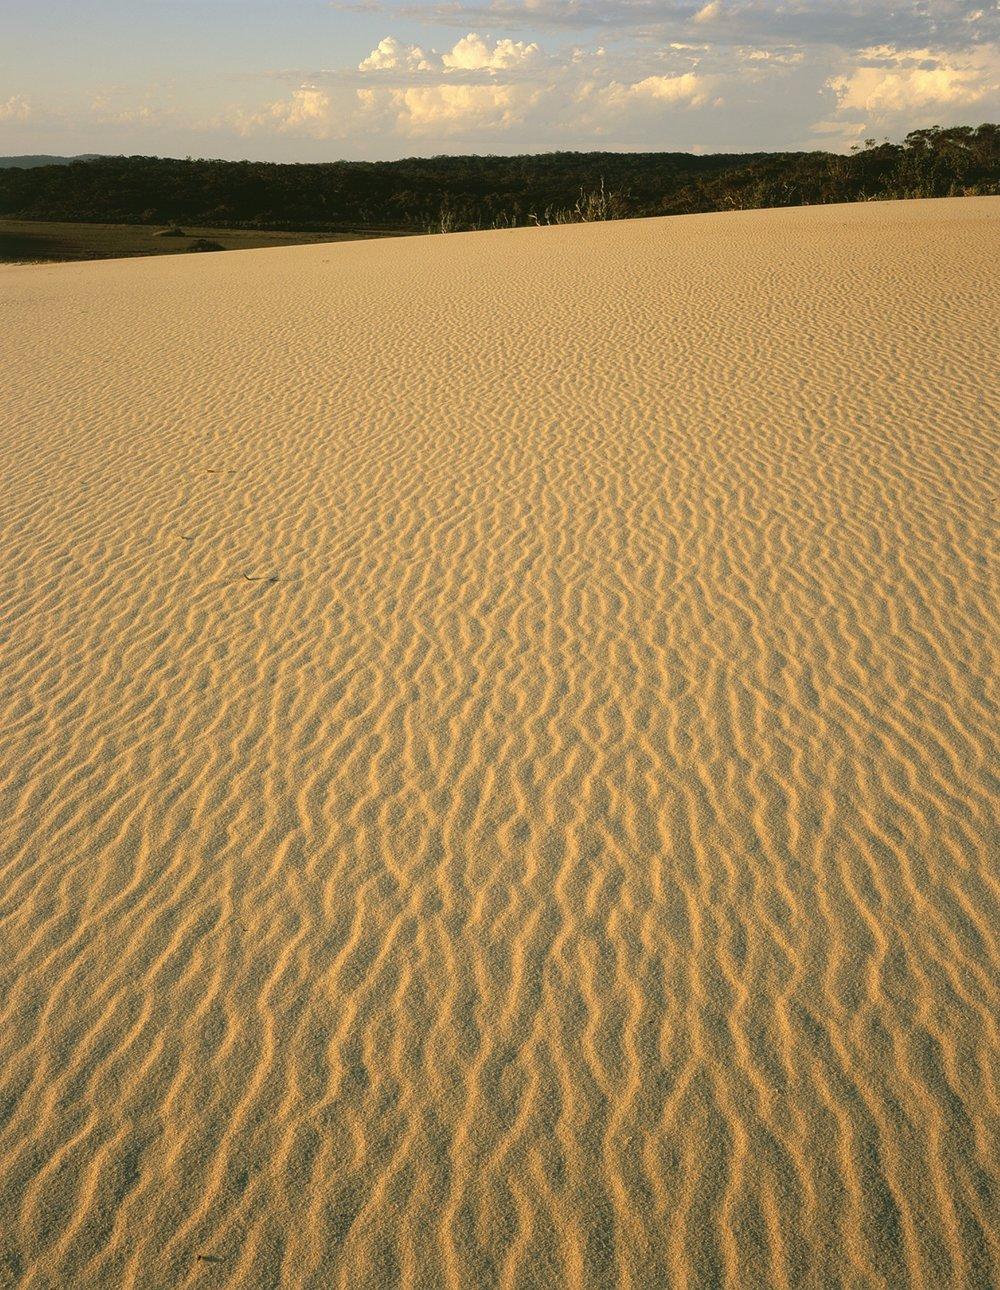 Tomaree sand dunes1.jpg